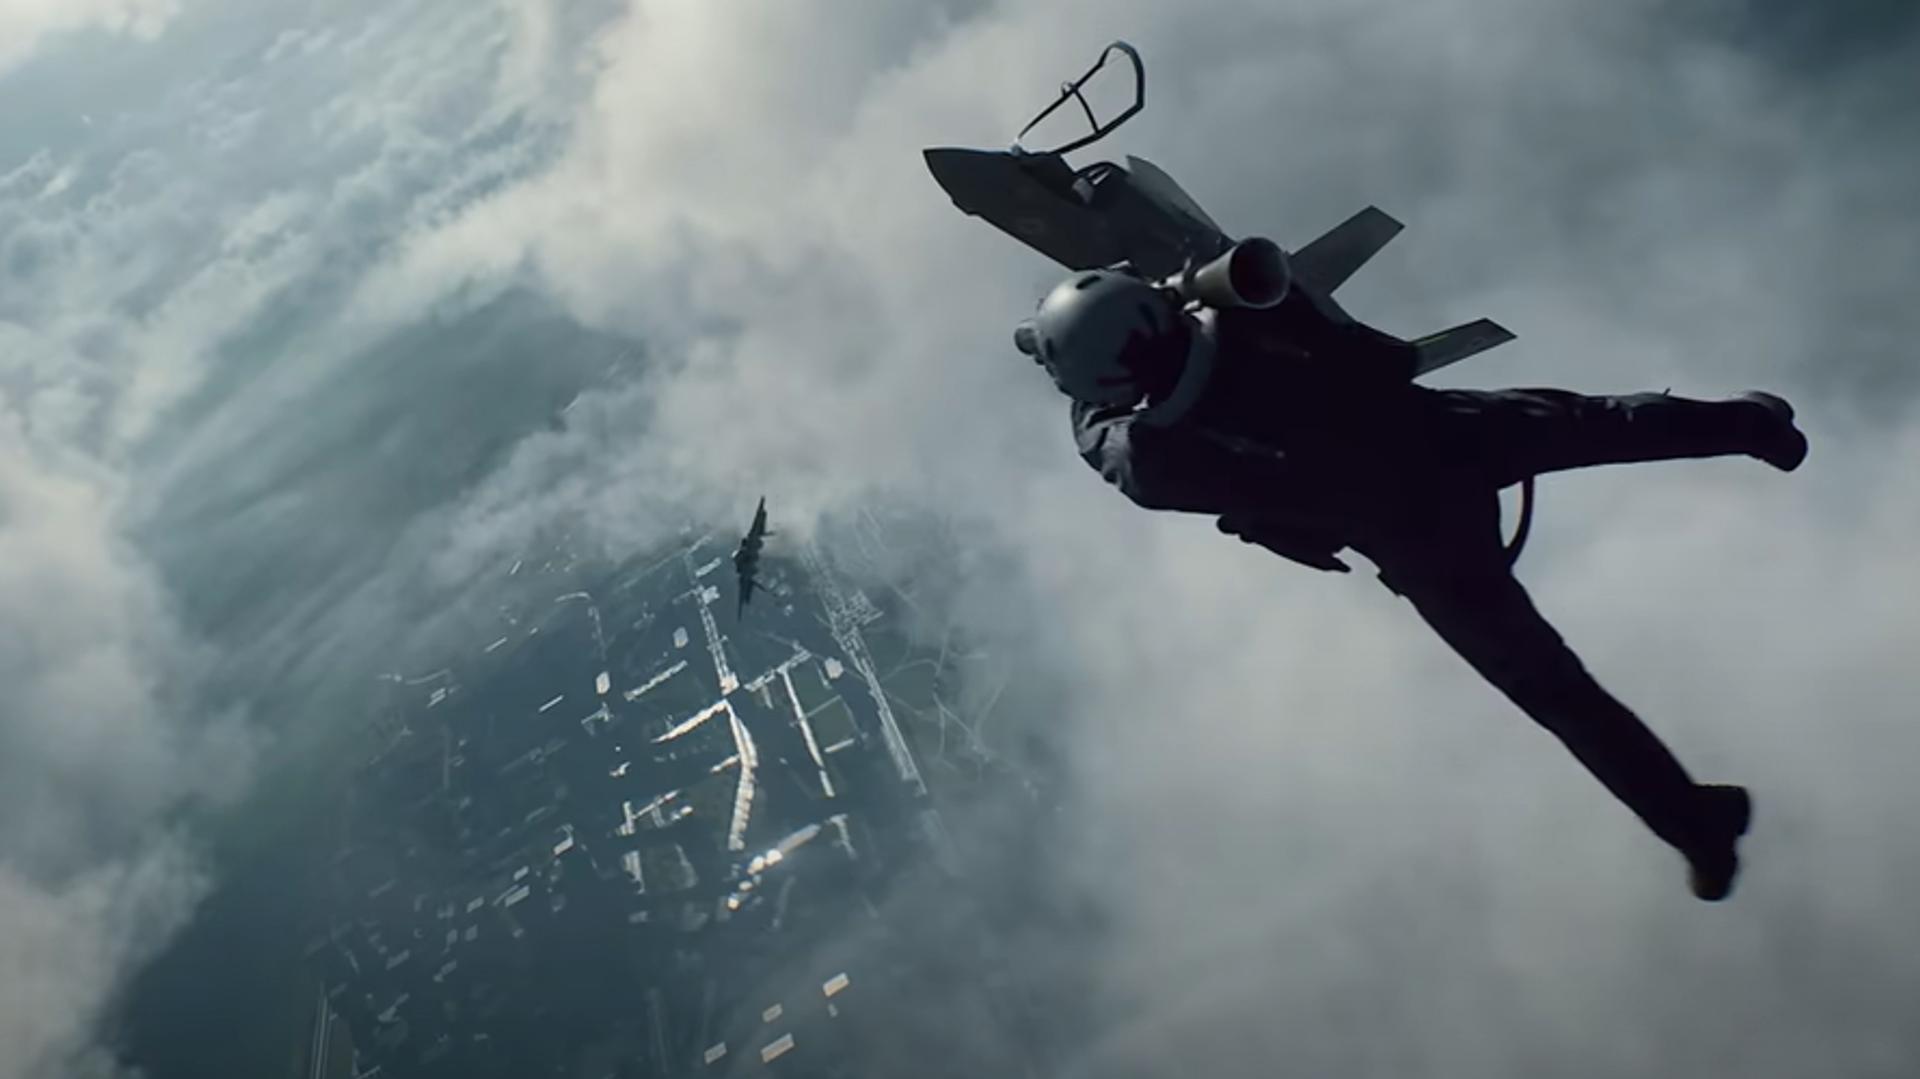 Záběry z nového traileru počítačové hry Battlefield 2042  - Sputnik Česká republika, 1920, 18.06.2021